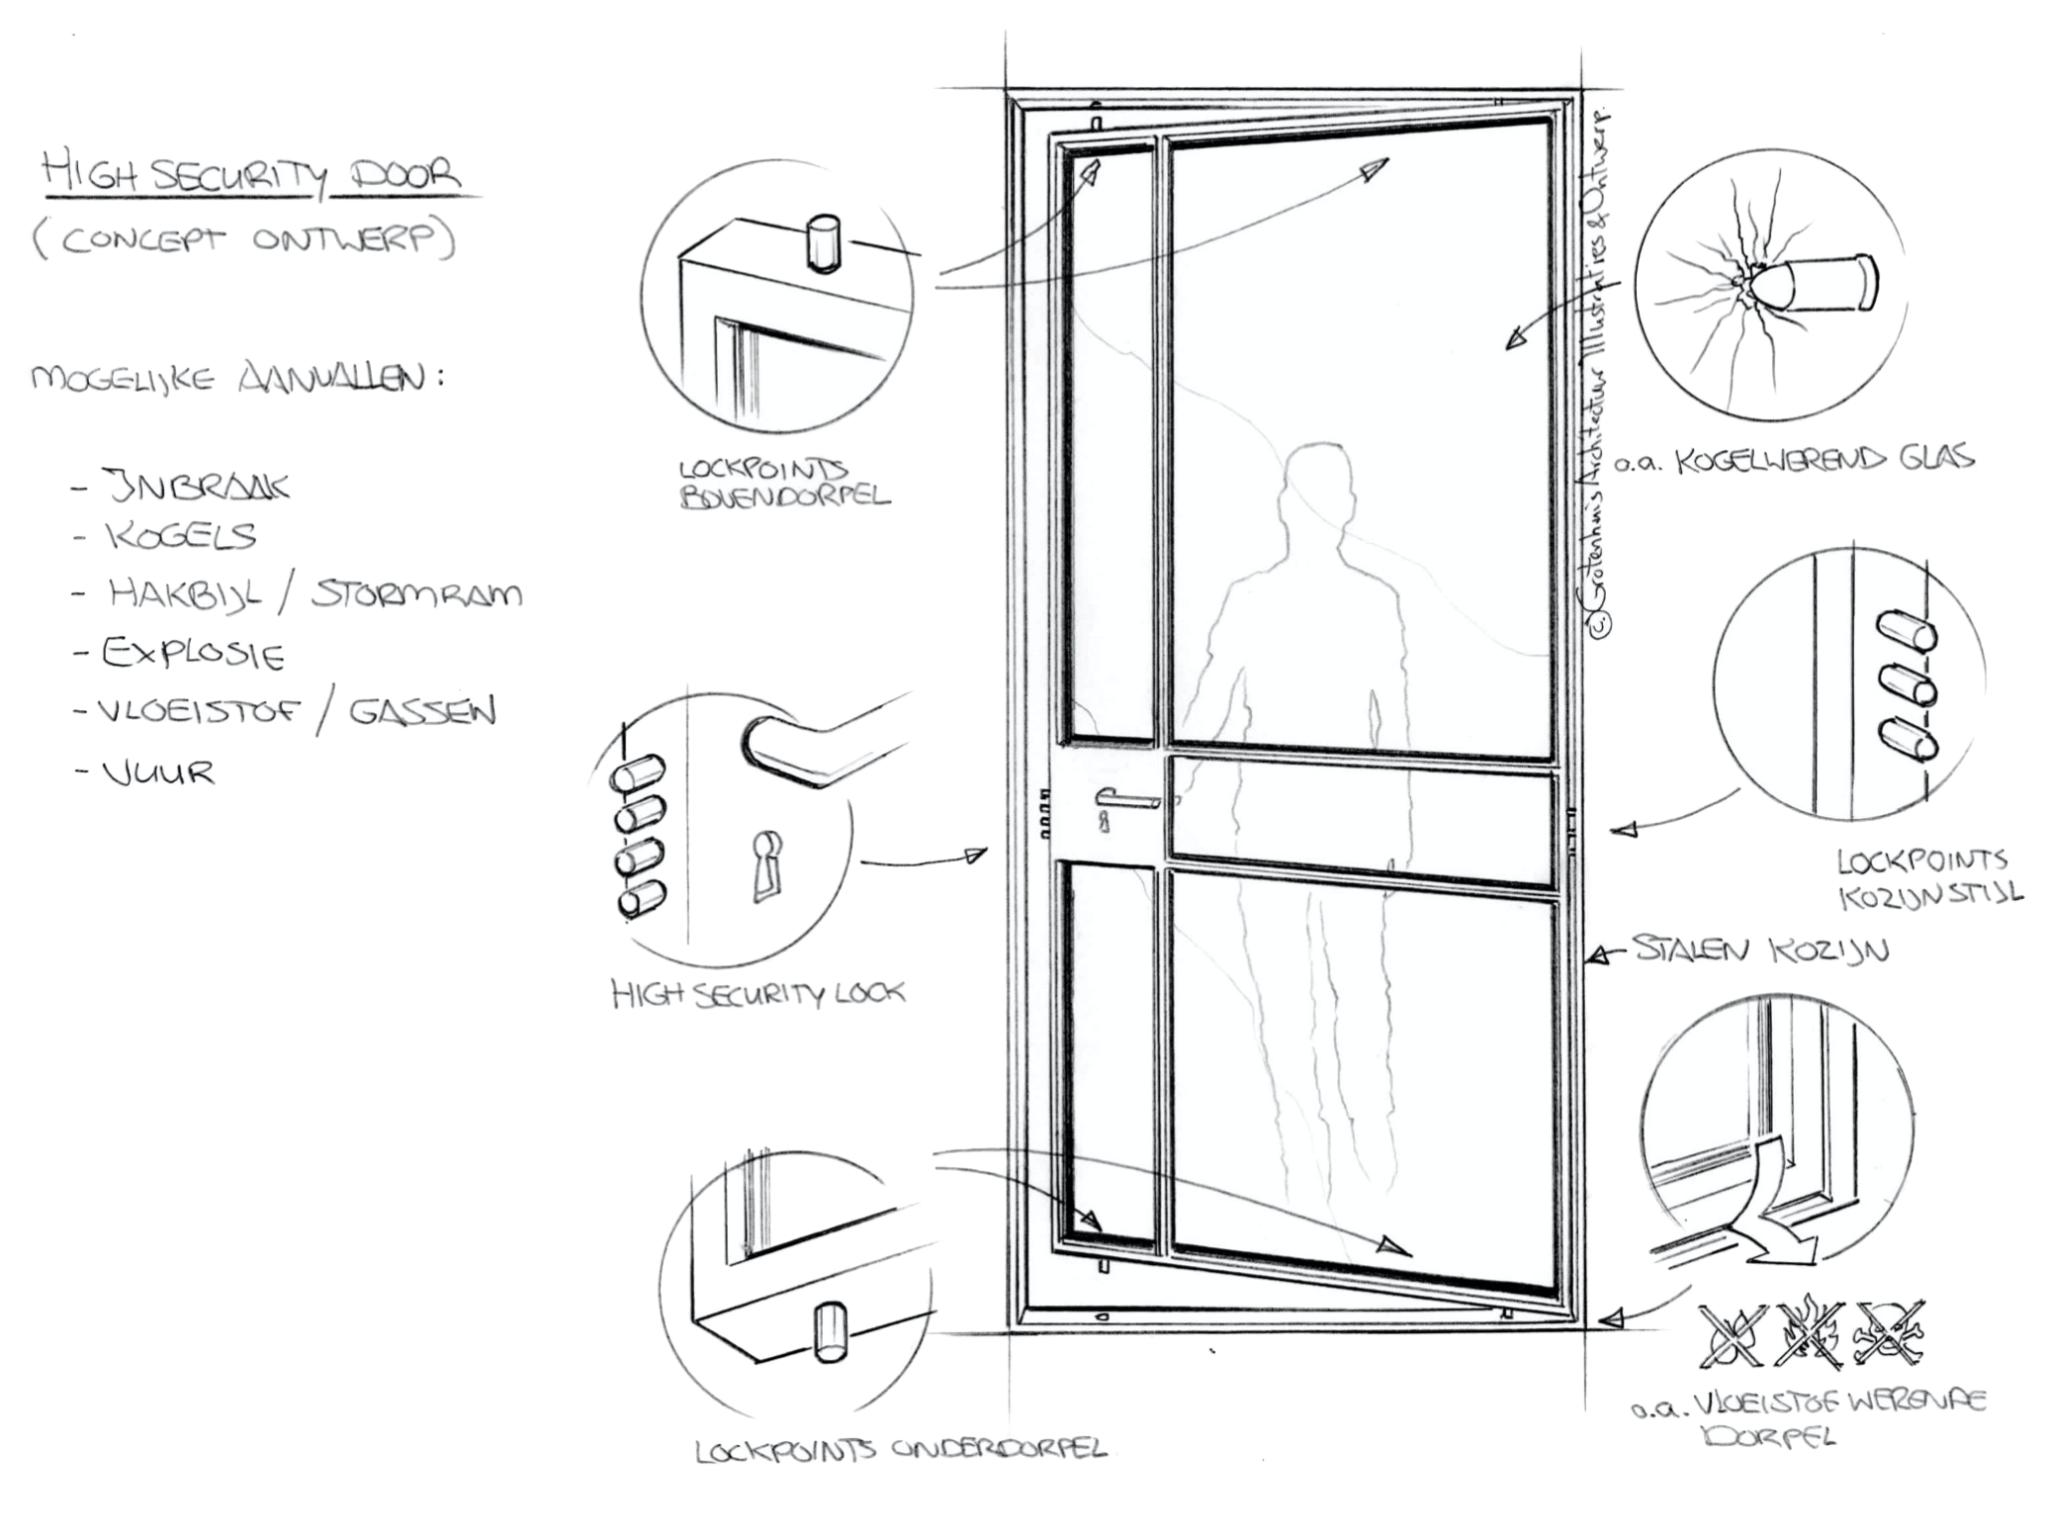 Conceptschets van High Security Door met bescherming voor inbraak, kogels, hakbijl, explosie, vloeistof/gassen en vuur.